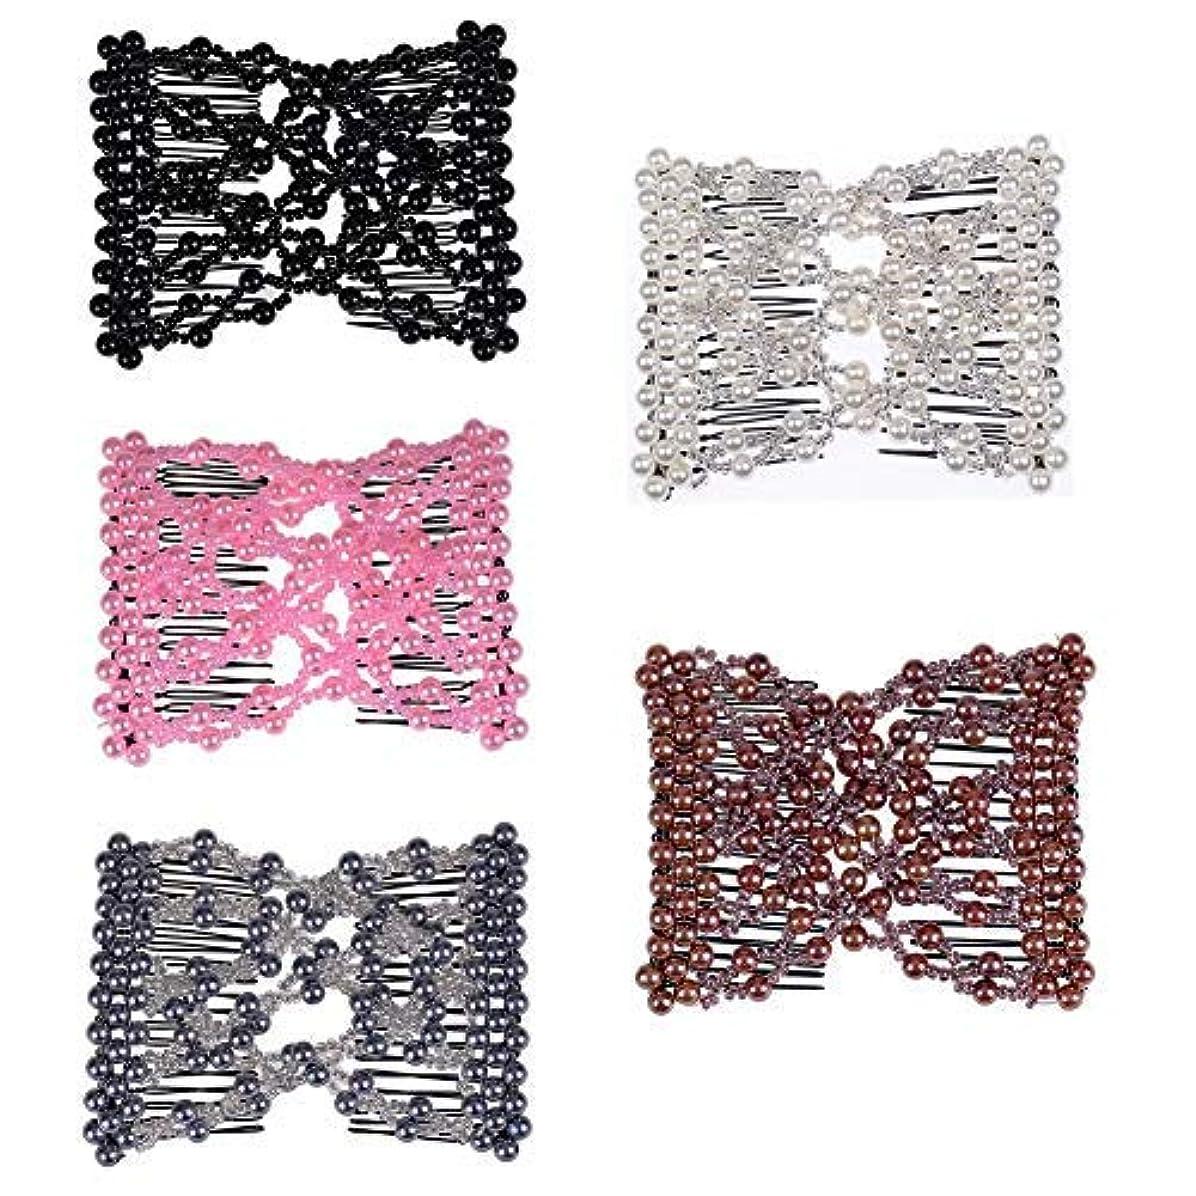 小康こしょうフォージCasualfashion 5Pcs Ez Stretch Beaded Hair Combs Double Magic Slide Metal Comb Clip Hairpins for Women Hair Styling...